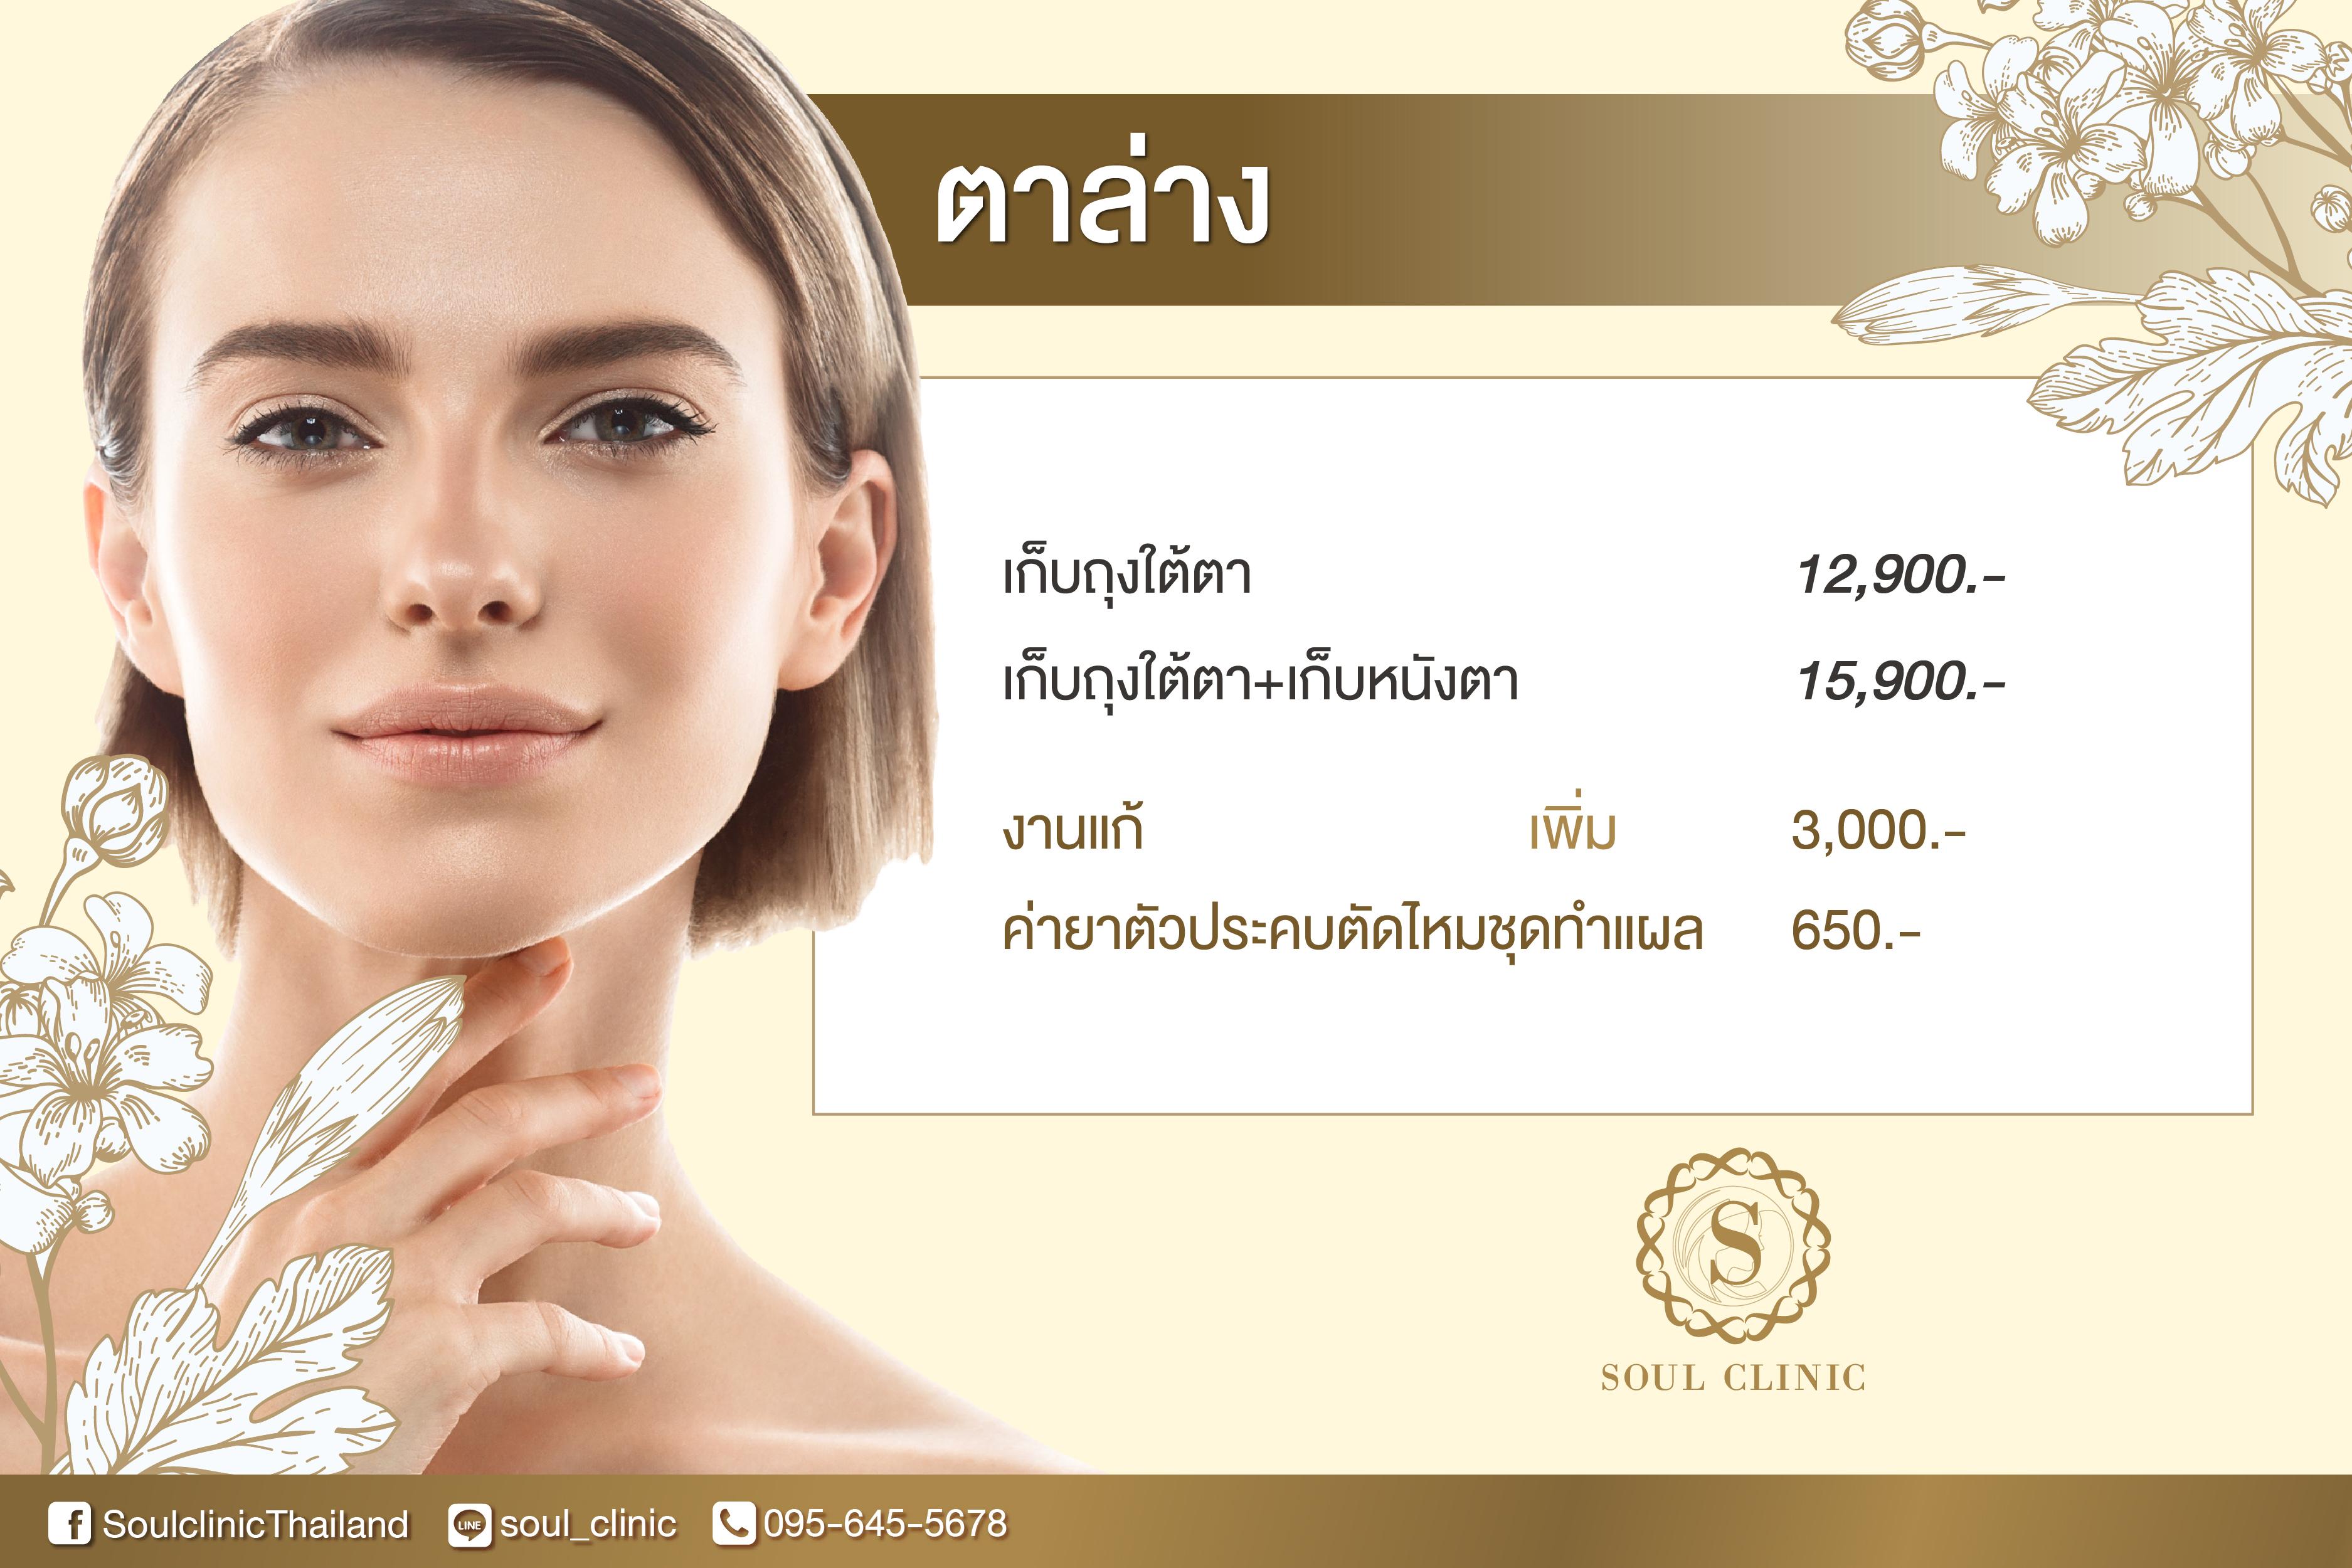 price-06